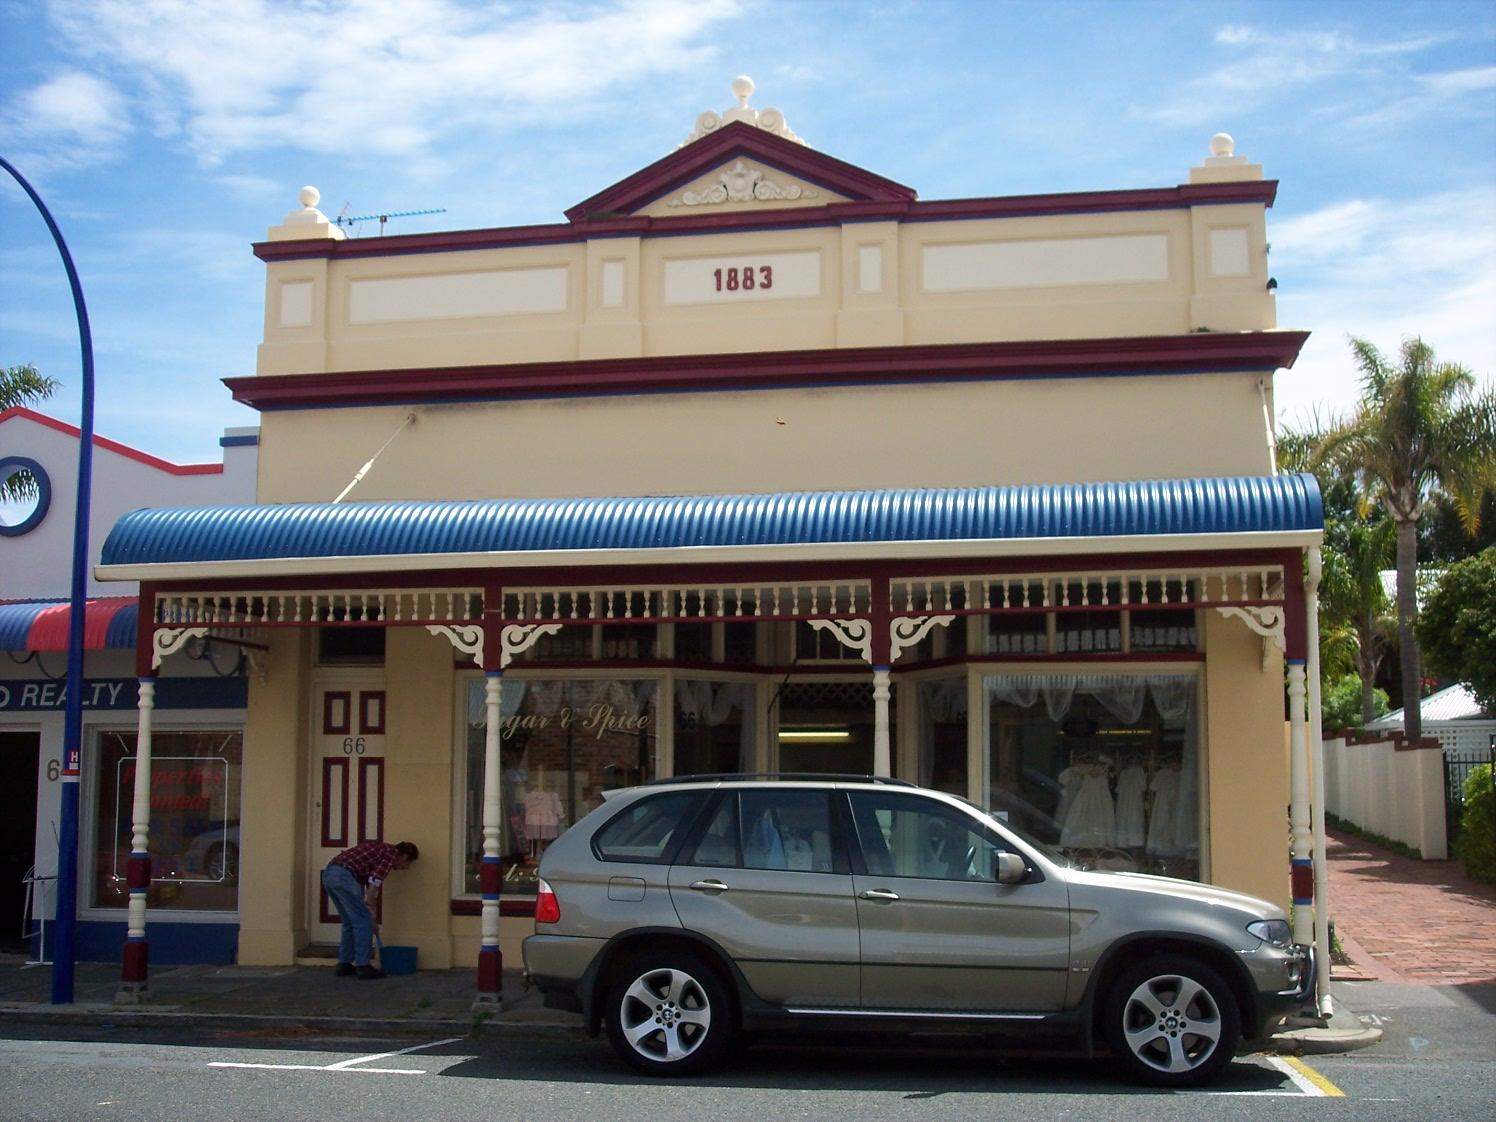 19-10-06 View N 66 George Street.jpg